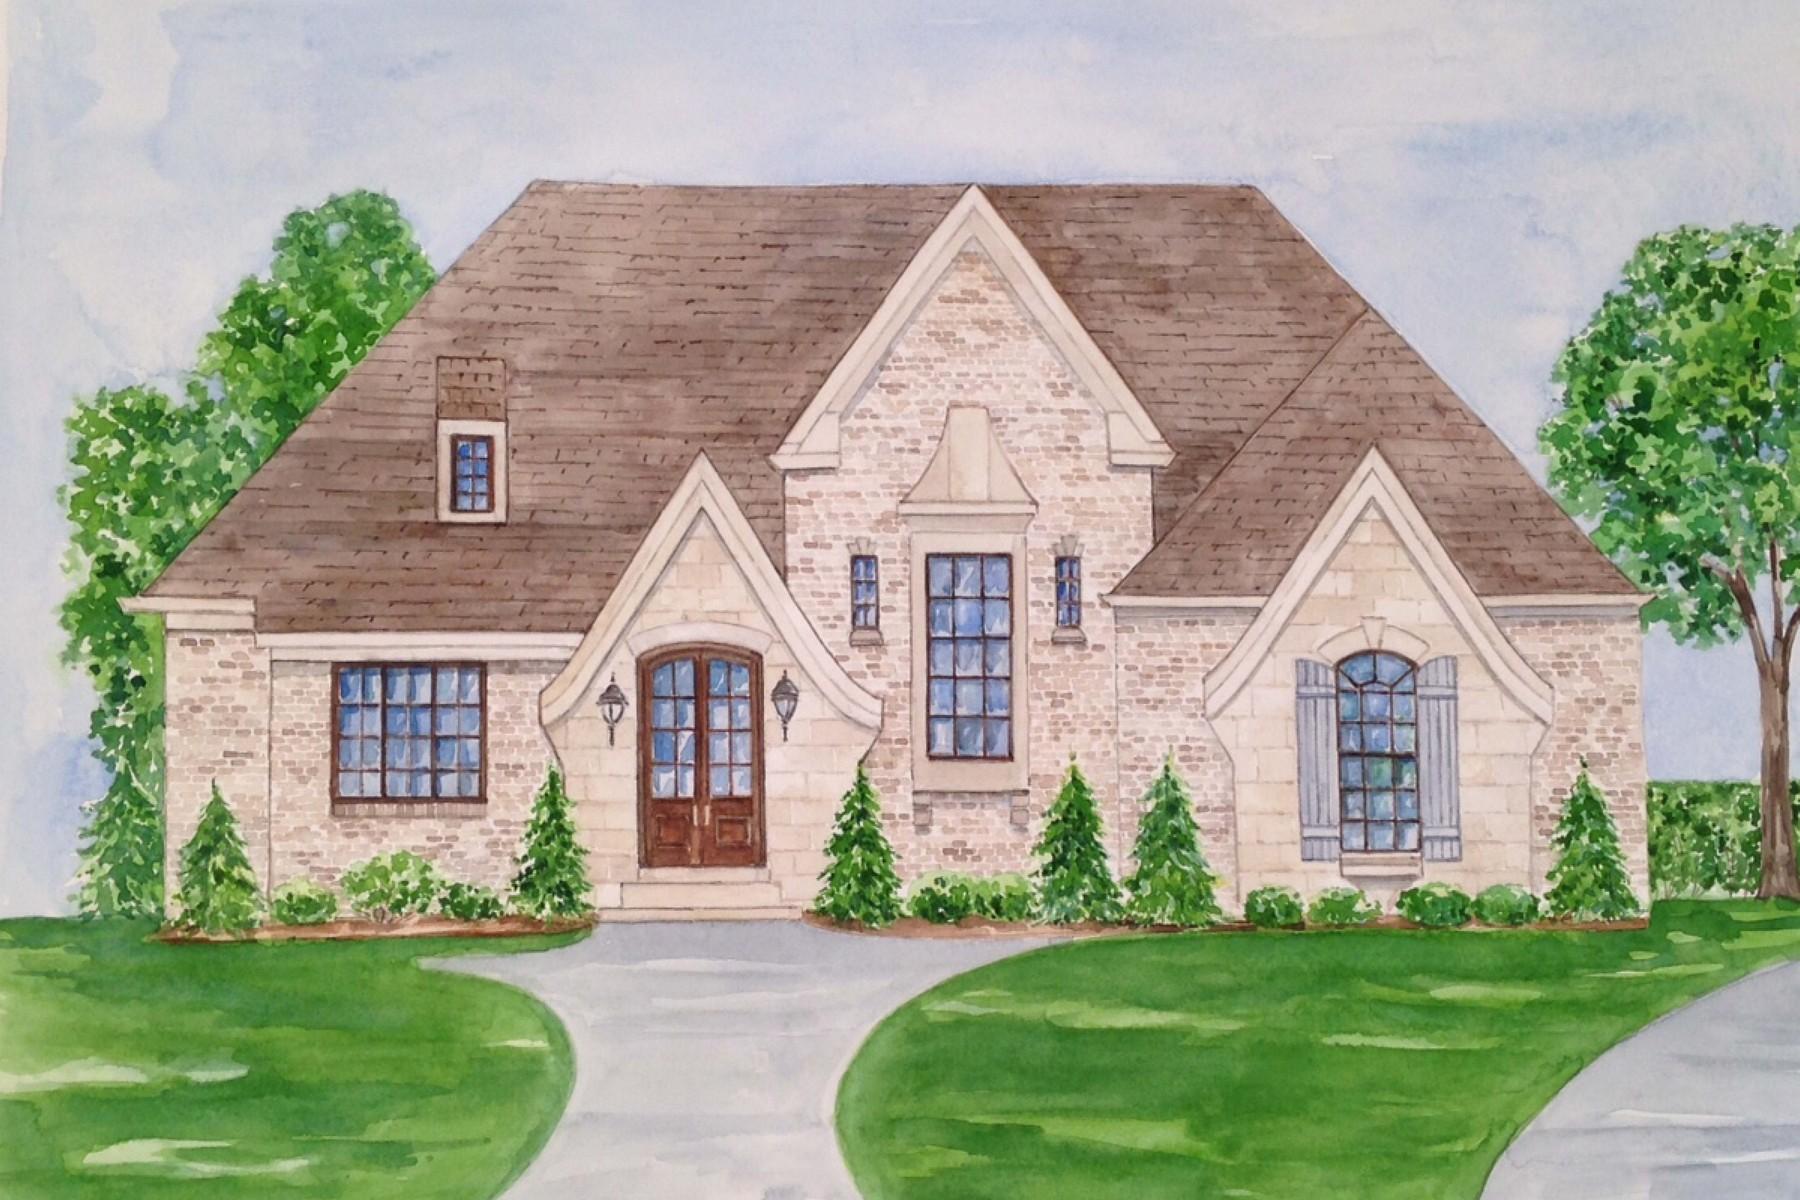 Maison unifamiliale pour l Vente à 28 Spring Mist Court (Proposed Build) Prospect, Kentucky 40059 États-Unis